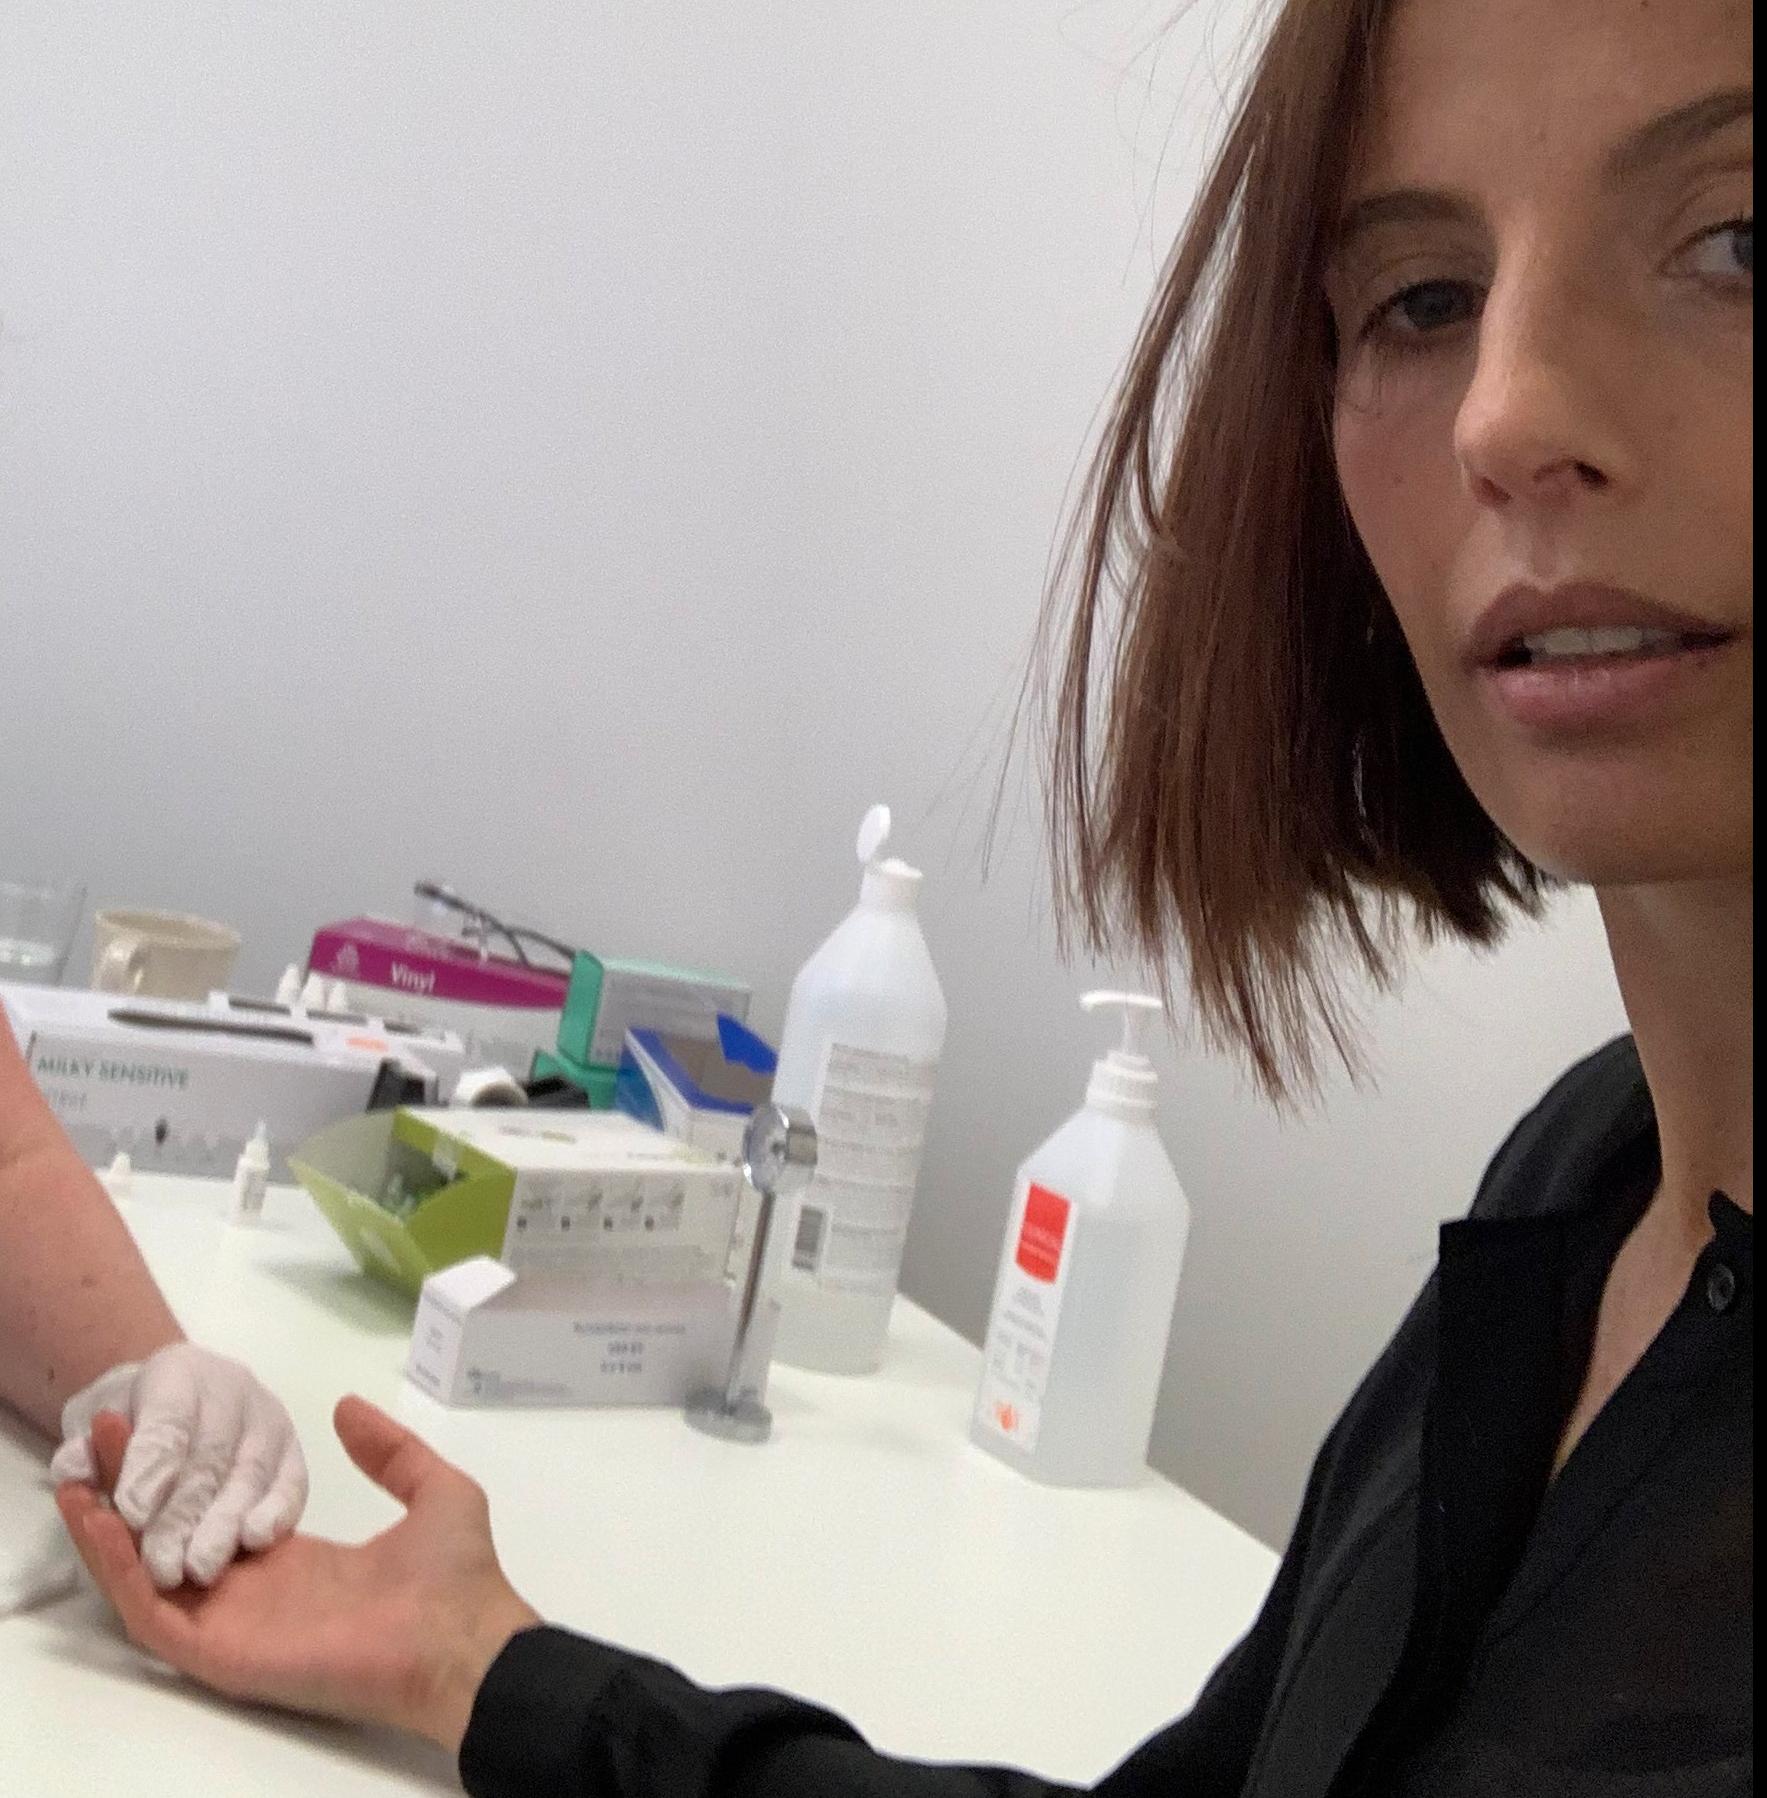 Aftonbladets Natalia Kazmierska testade sig för covid-19 på en privatklinik i Stockholm. Kostnaden: 950 kronor.